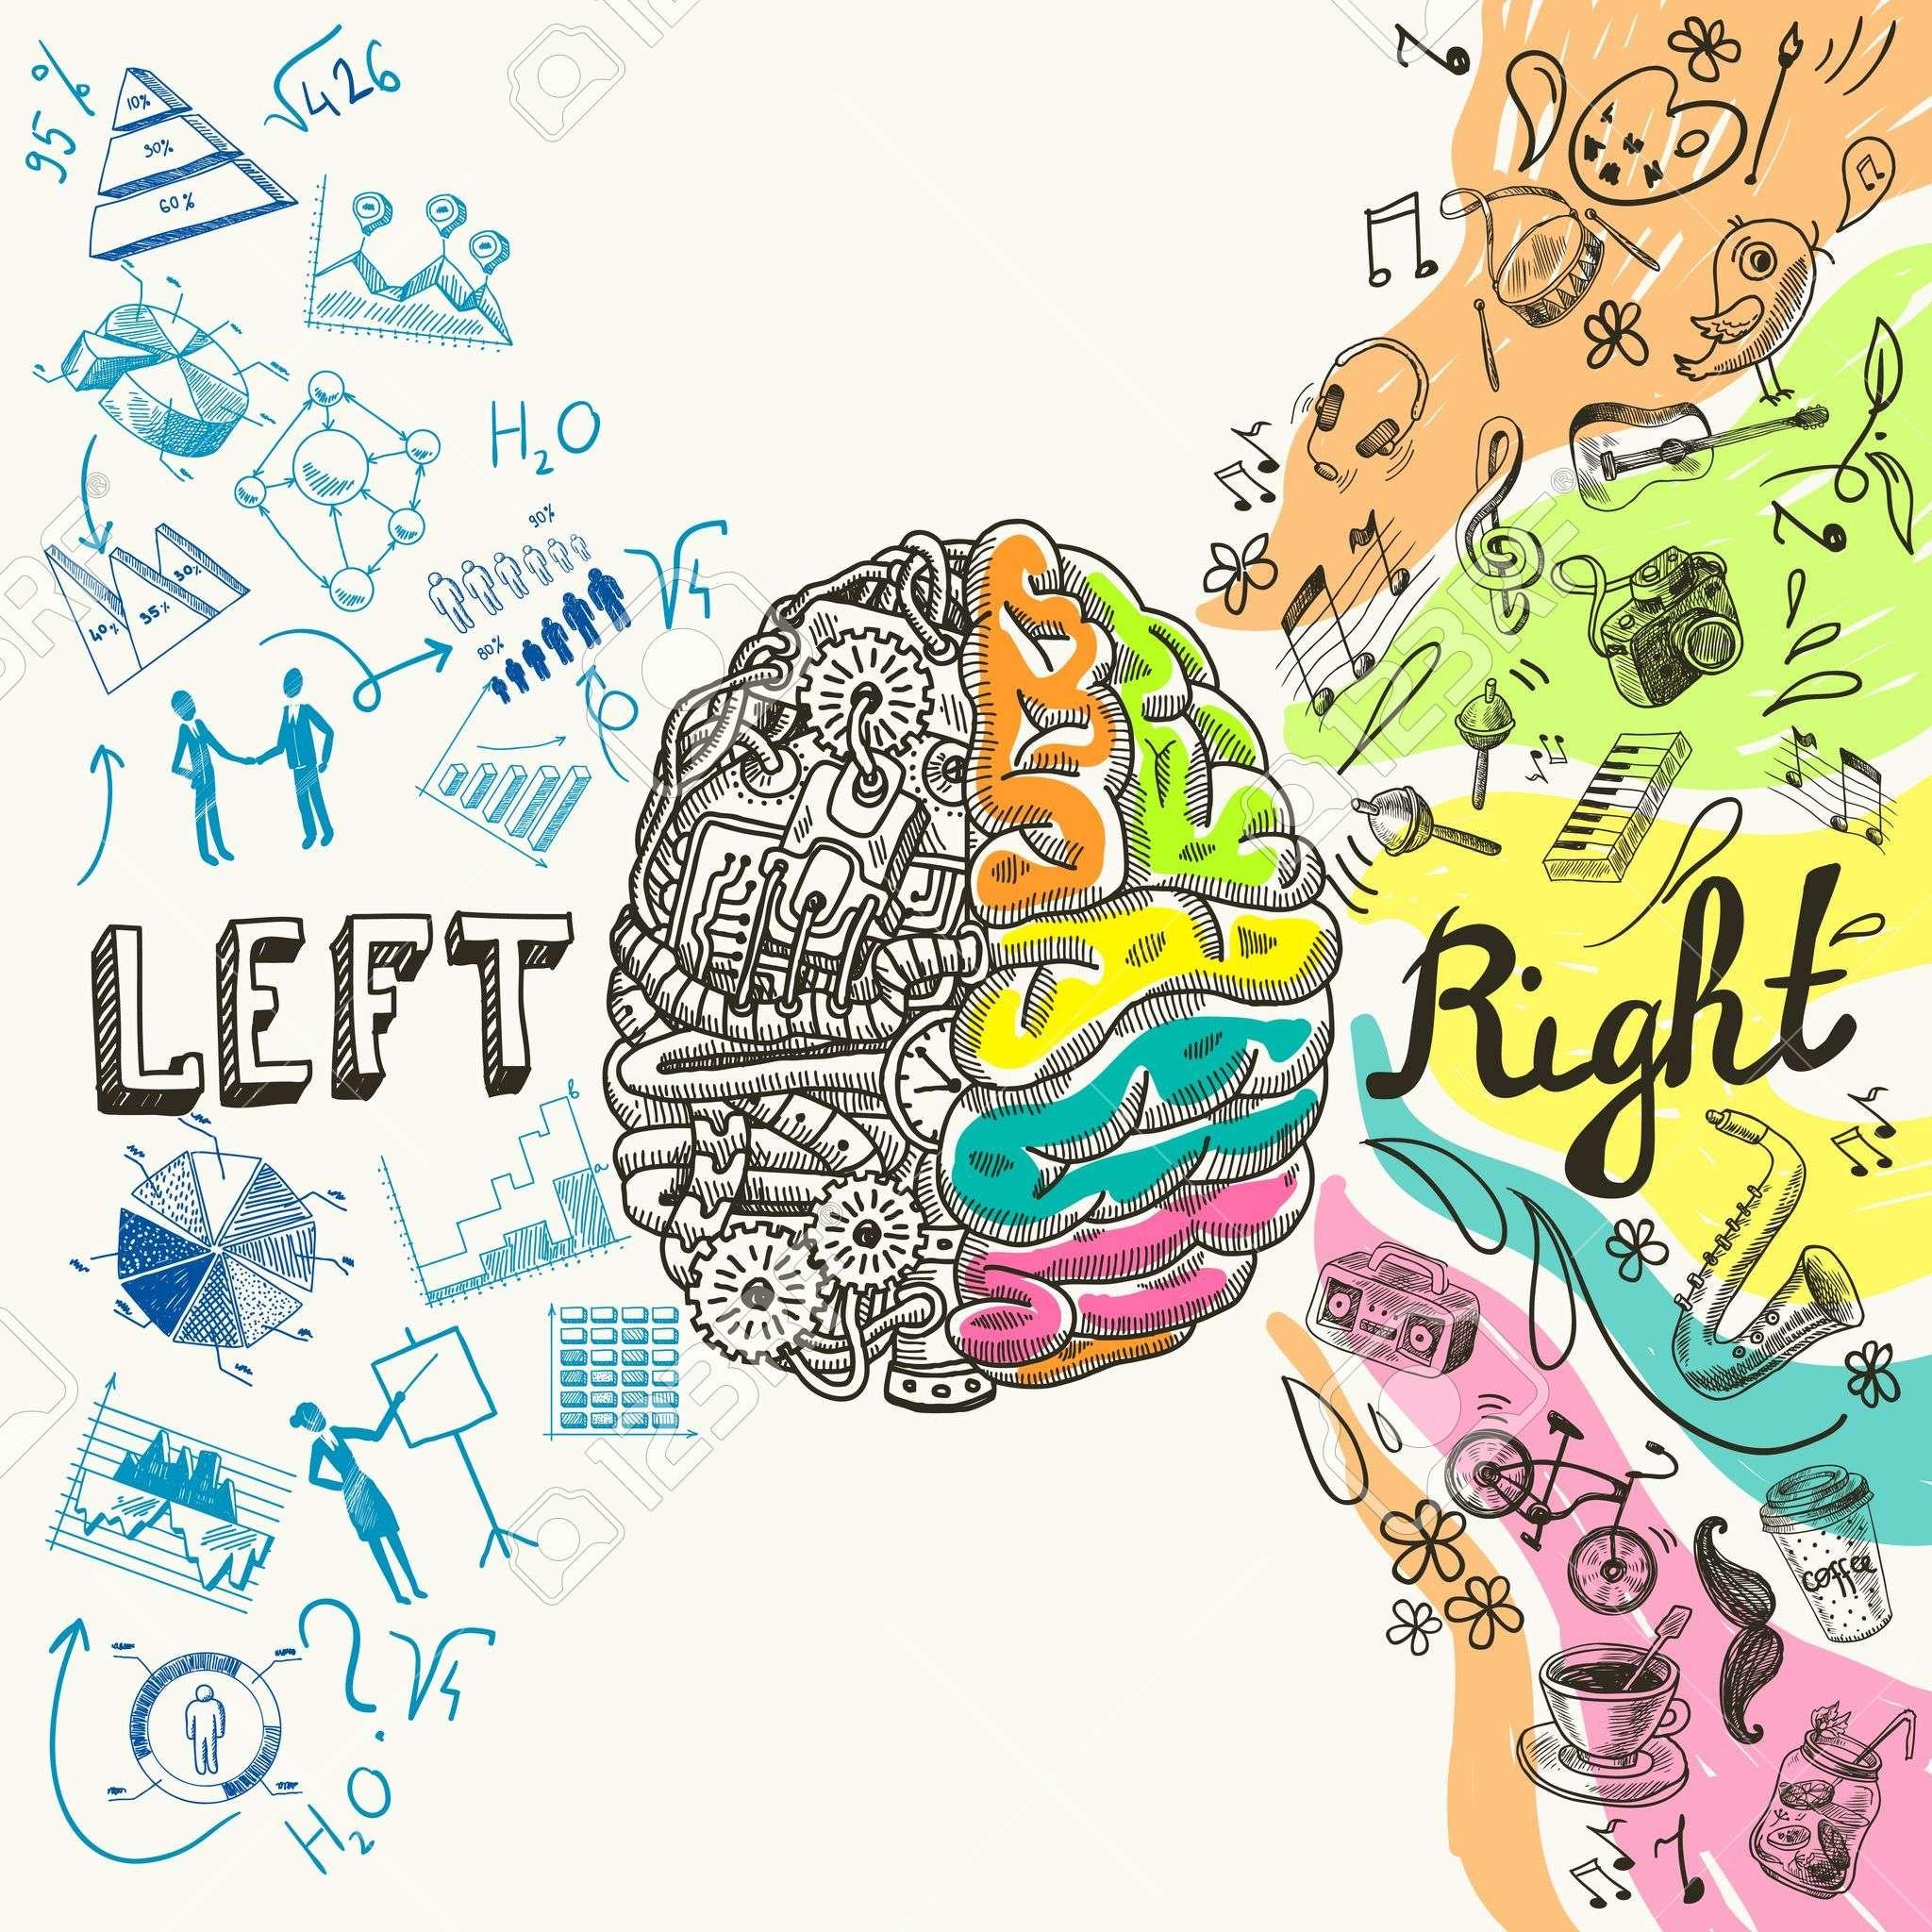 El Cerebro Izquierdo Hemisferios Creativos Analíticos Y Derecha ...